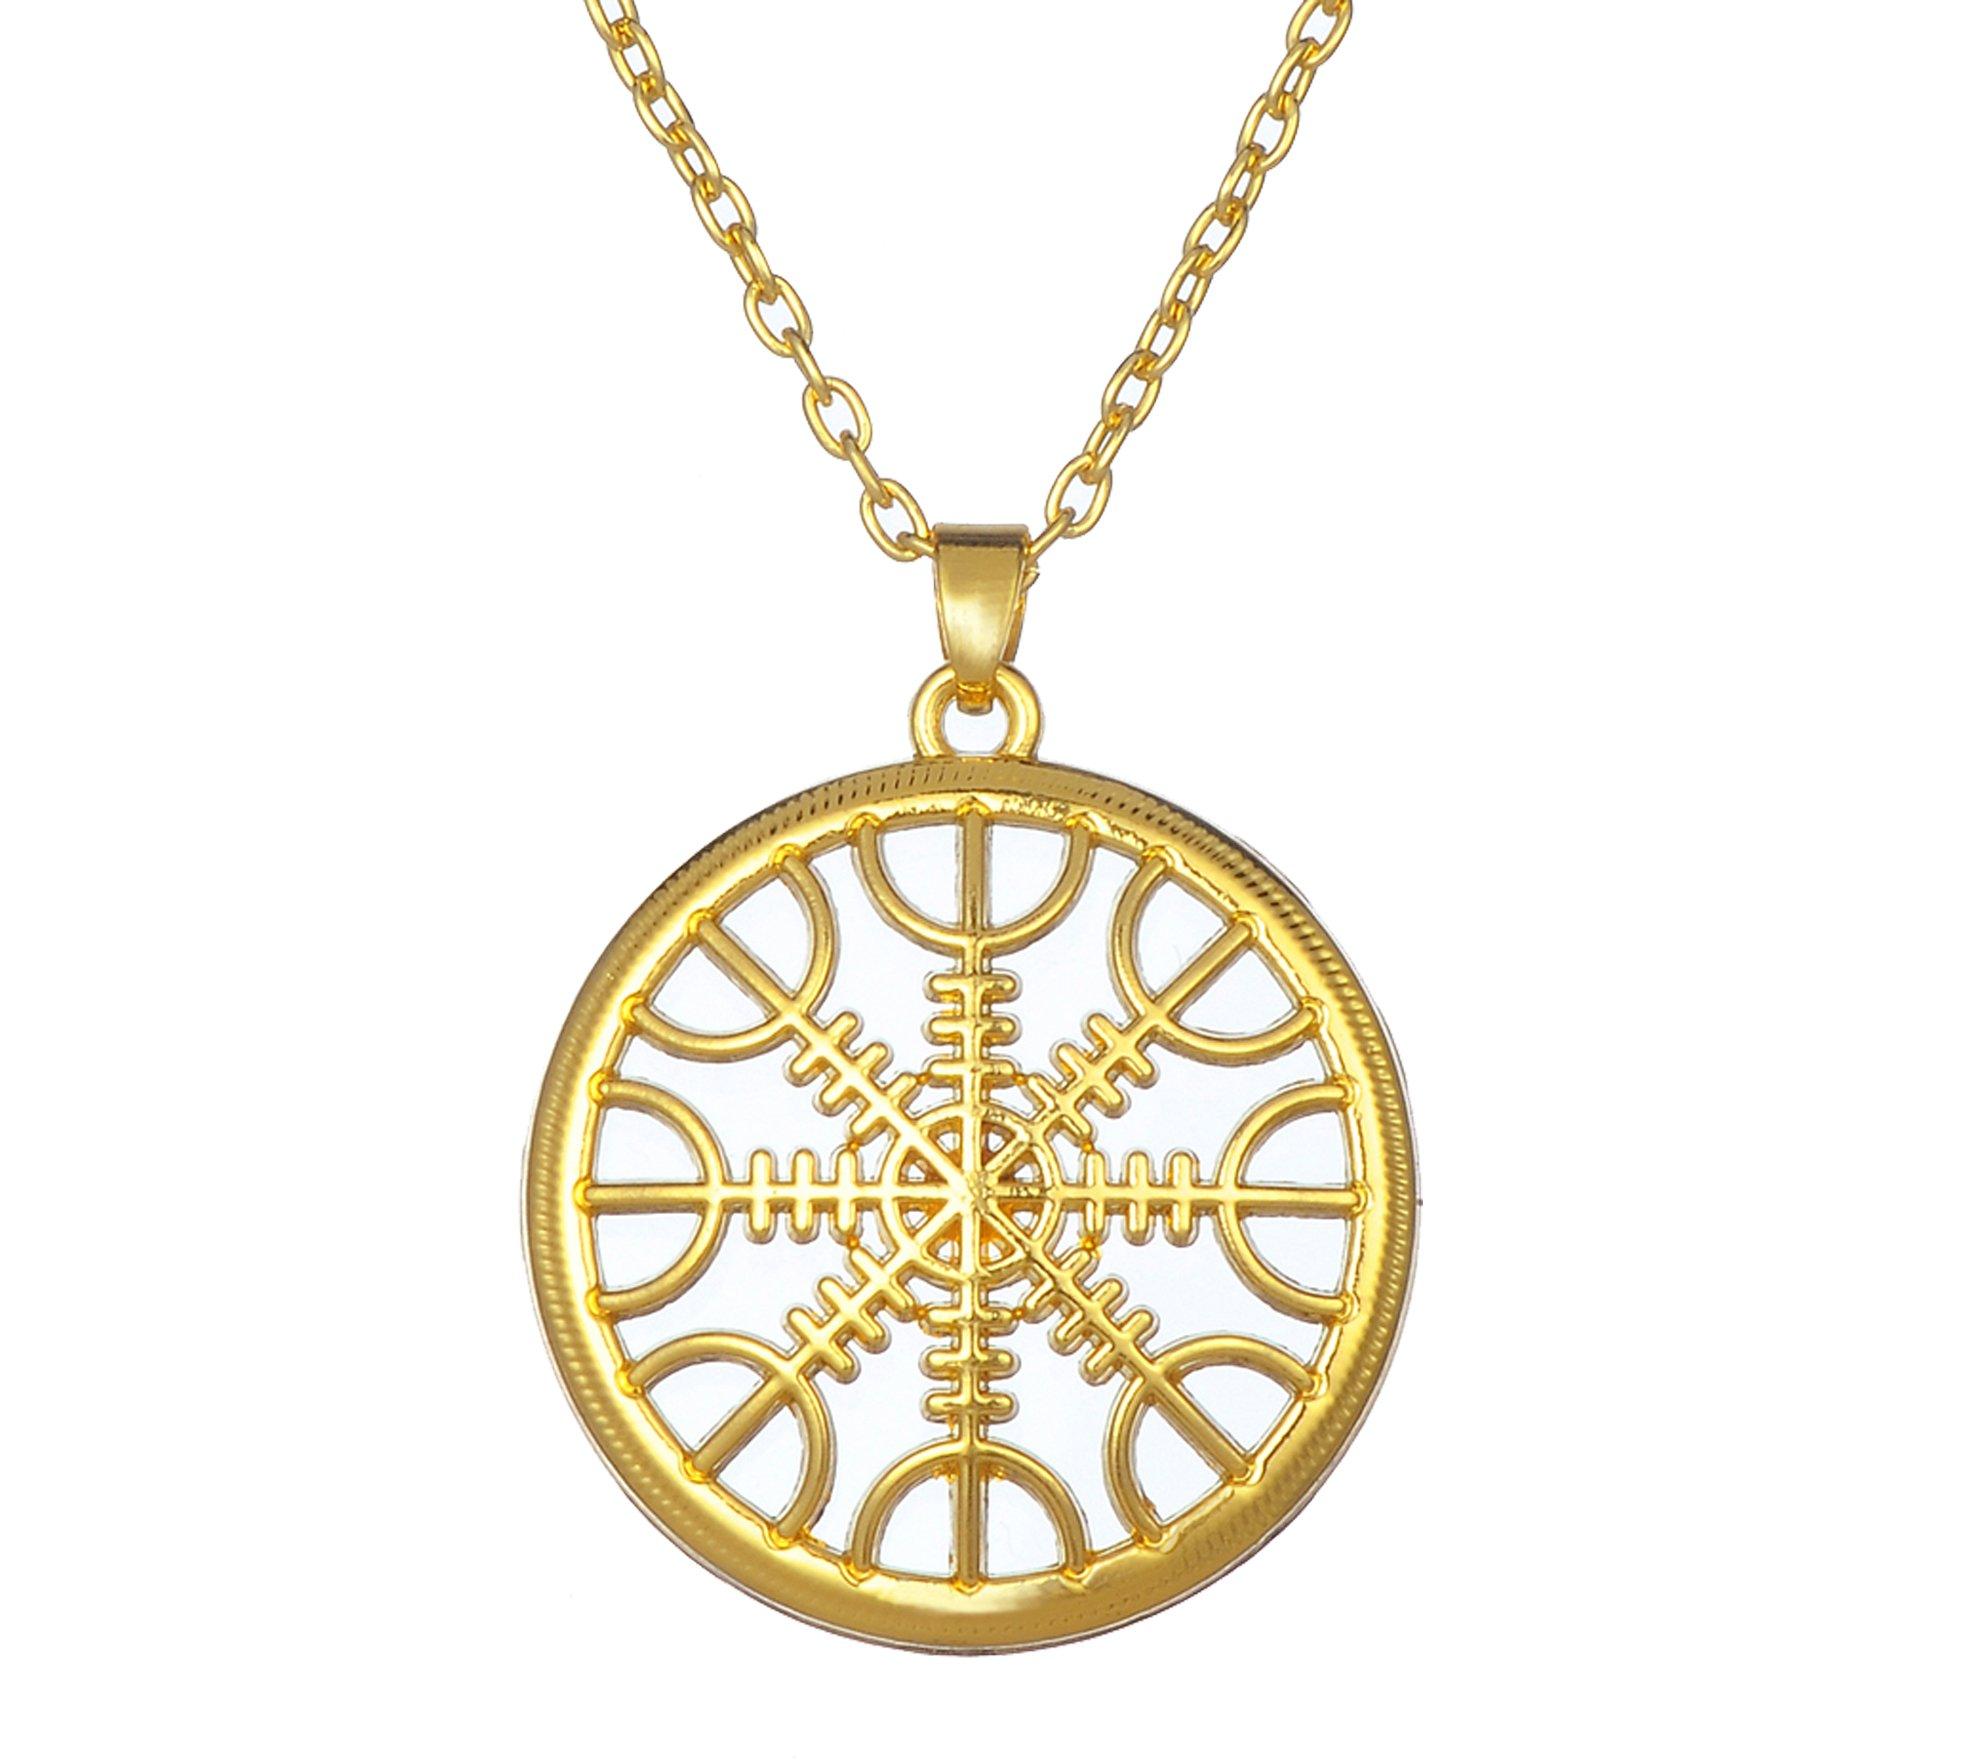 LIKGREAT Viking The Helm of Awe Pendant Necklace, Slavic Scandinavian Talisman Amulet Jewelry